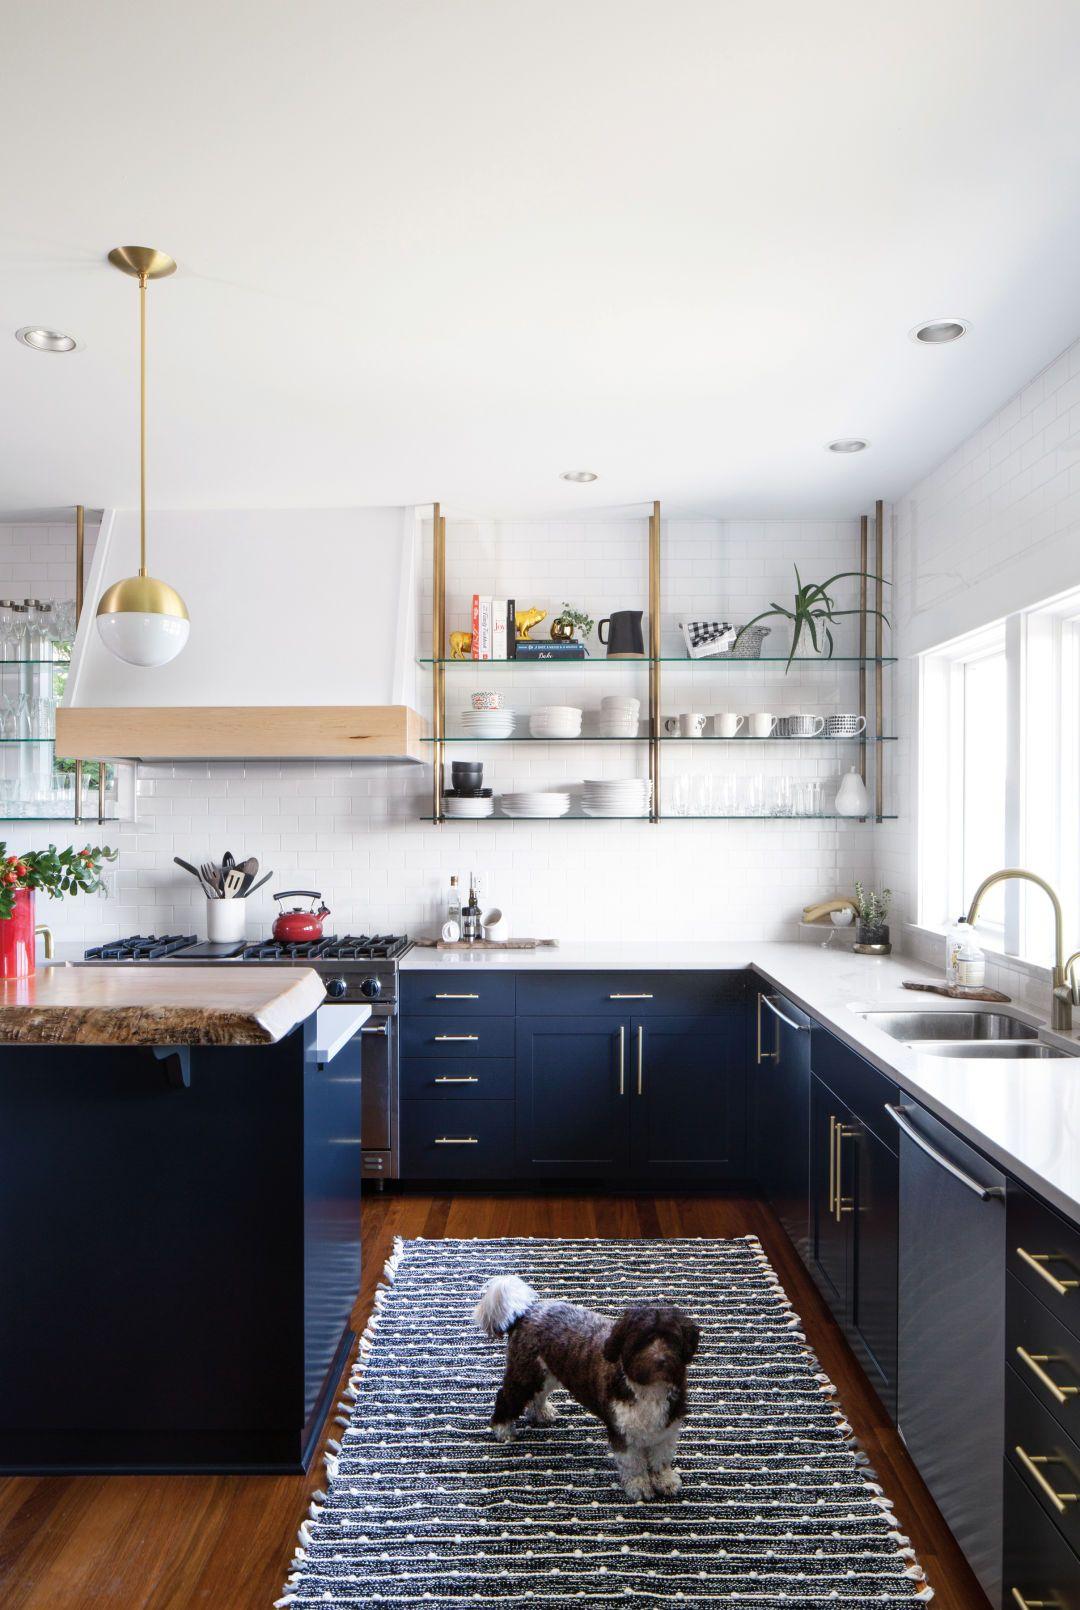 Rejuvenating Work Arounds Brighten A Magnolia Kitchen With Images Blue Kitchen Decor Kitchen Decor Kitchen